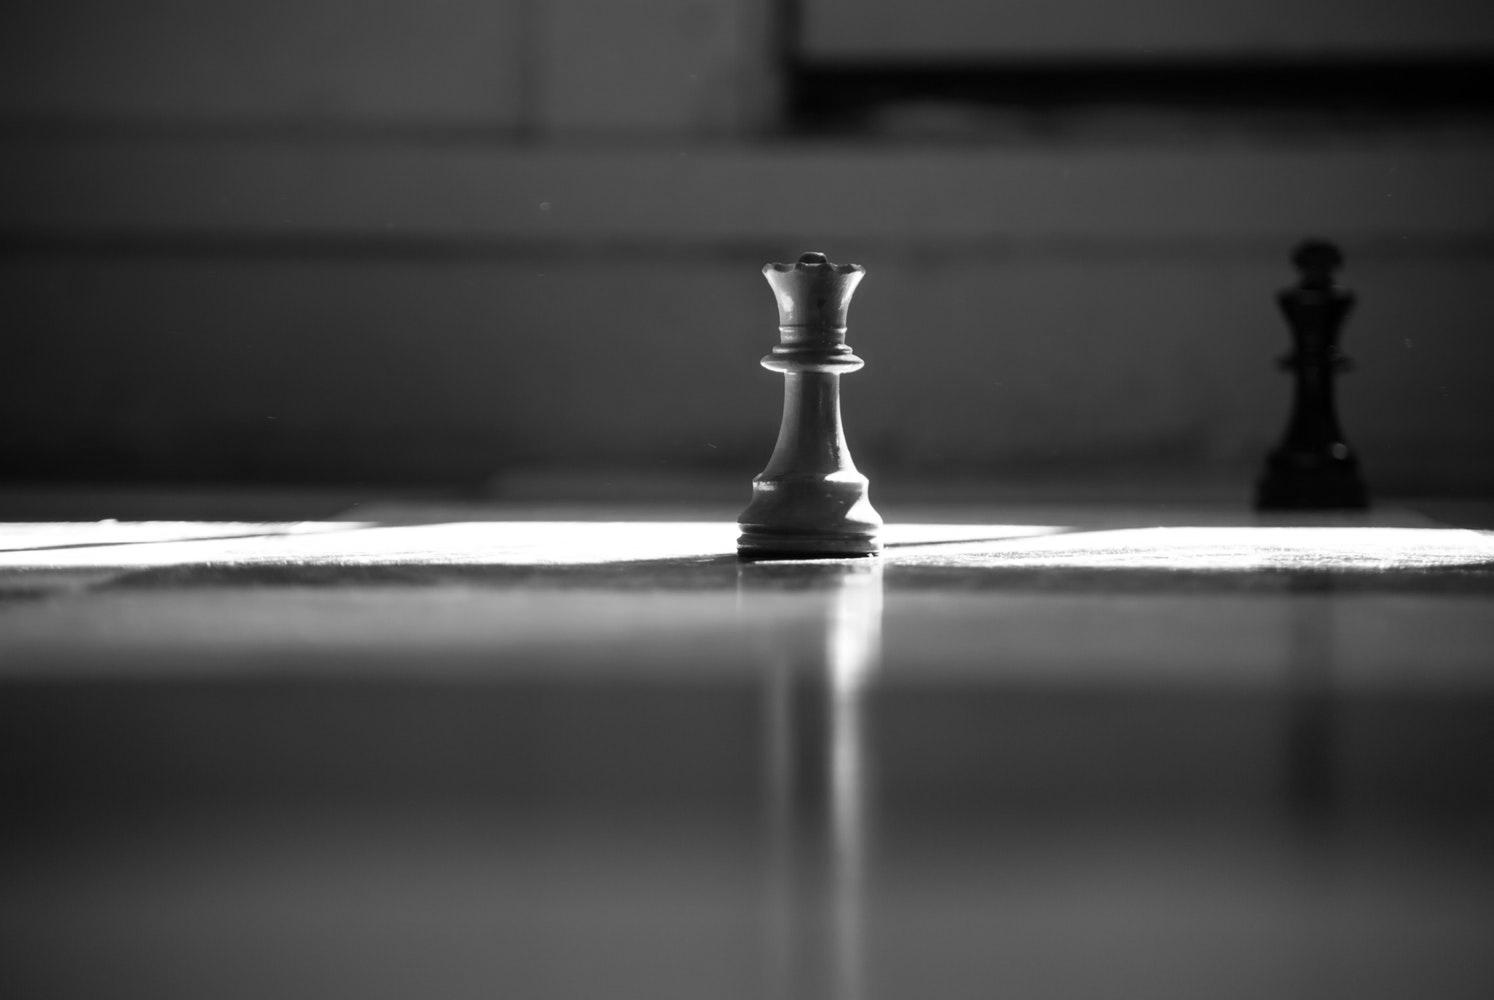 chess_peice.jpeg